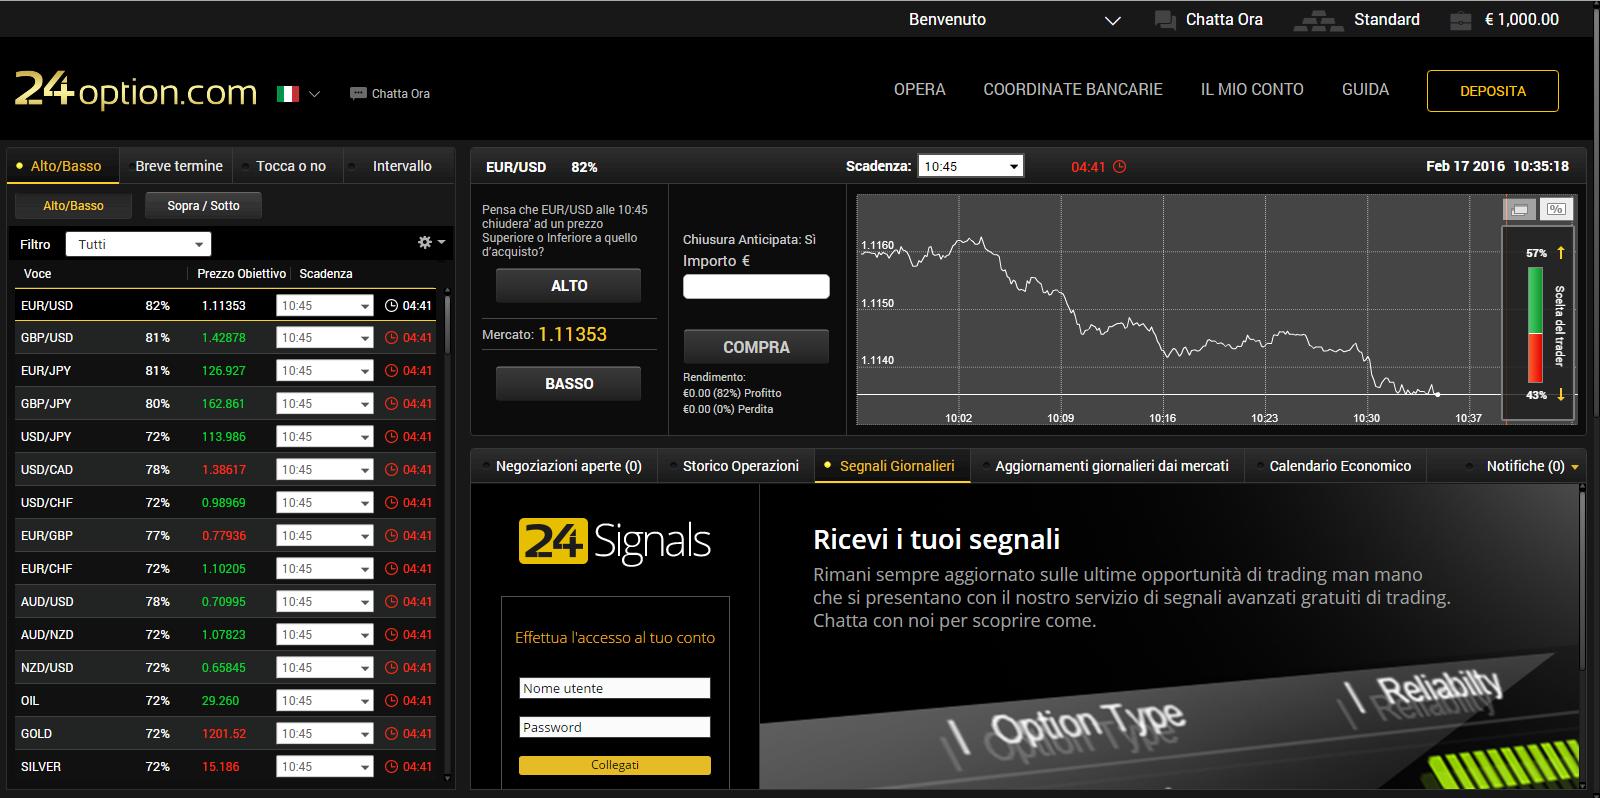 La schermata iniziale della piattaforma 24option